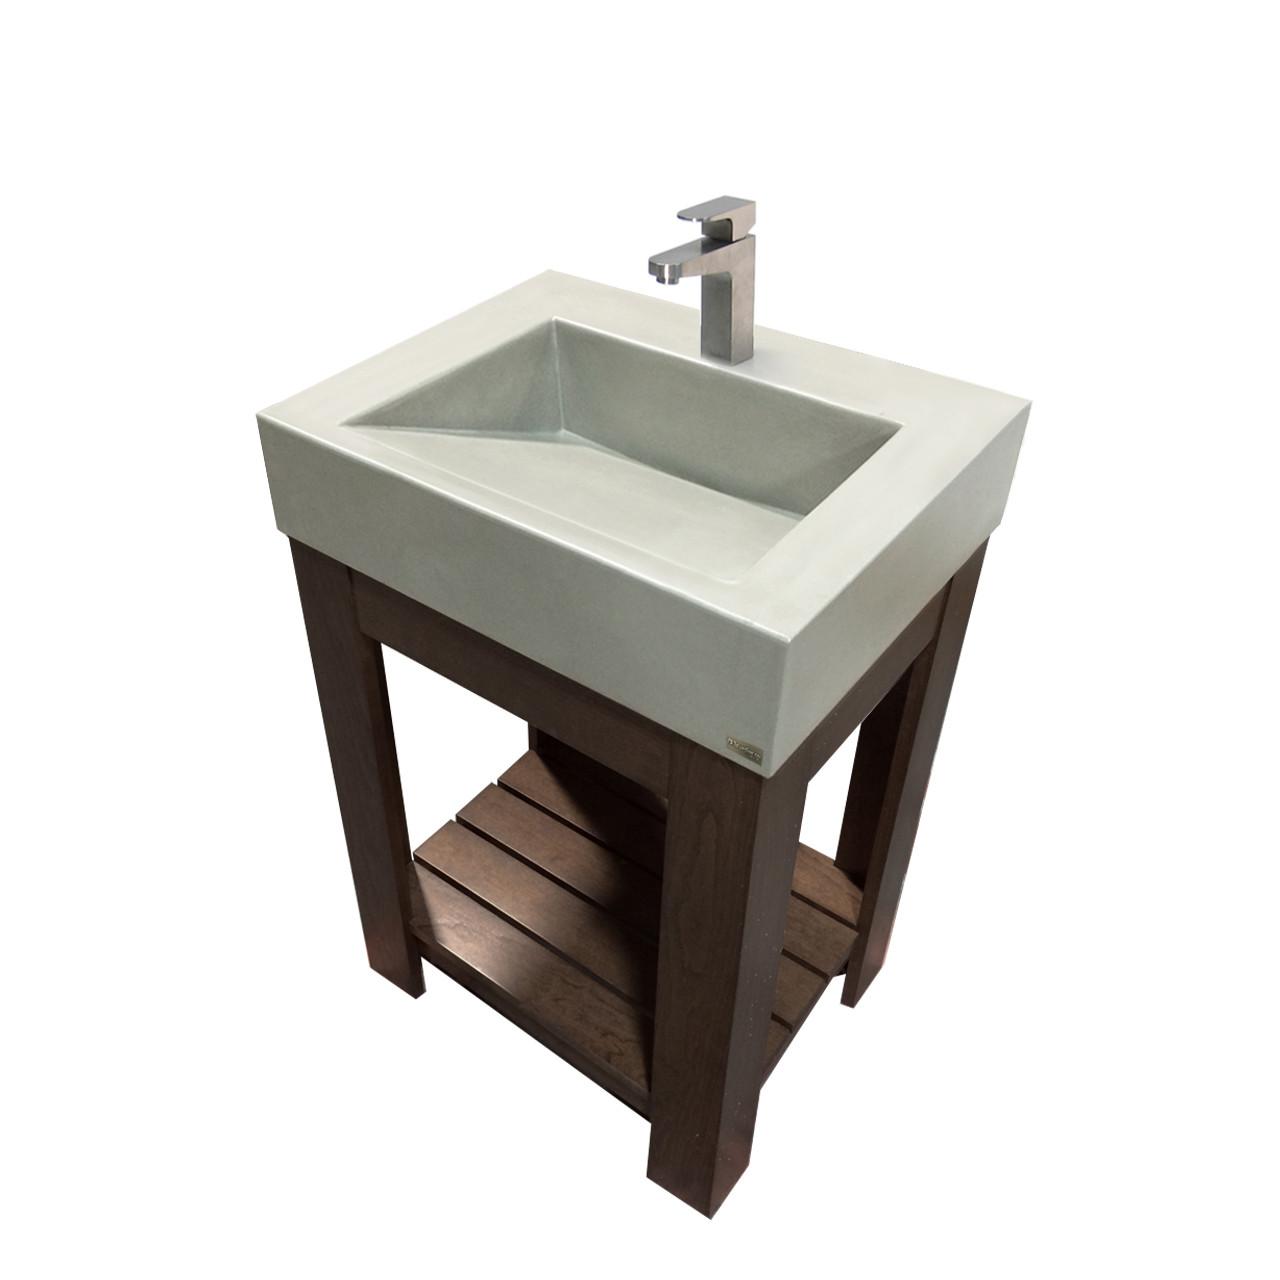 Trueform Vallum Concrete Bathroom Vanity Sink Is A Modern Sink With